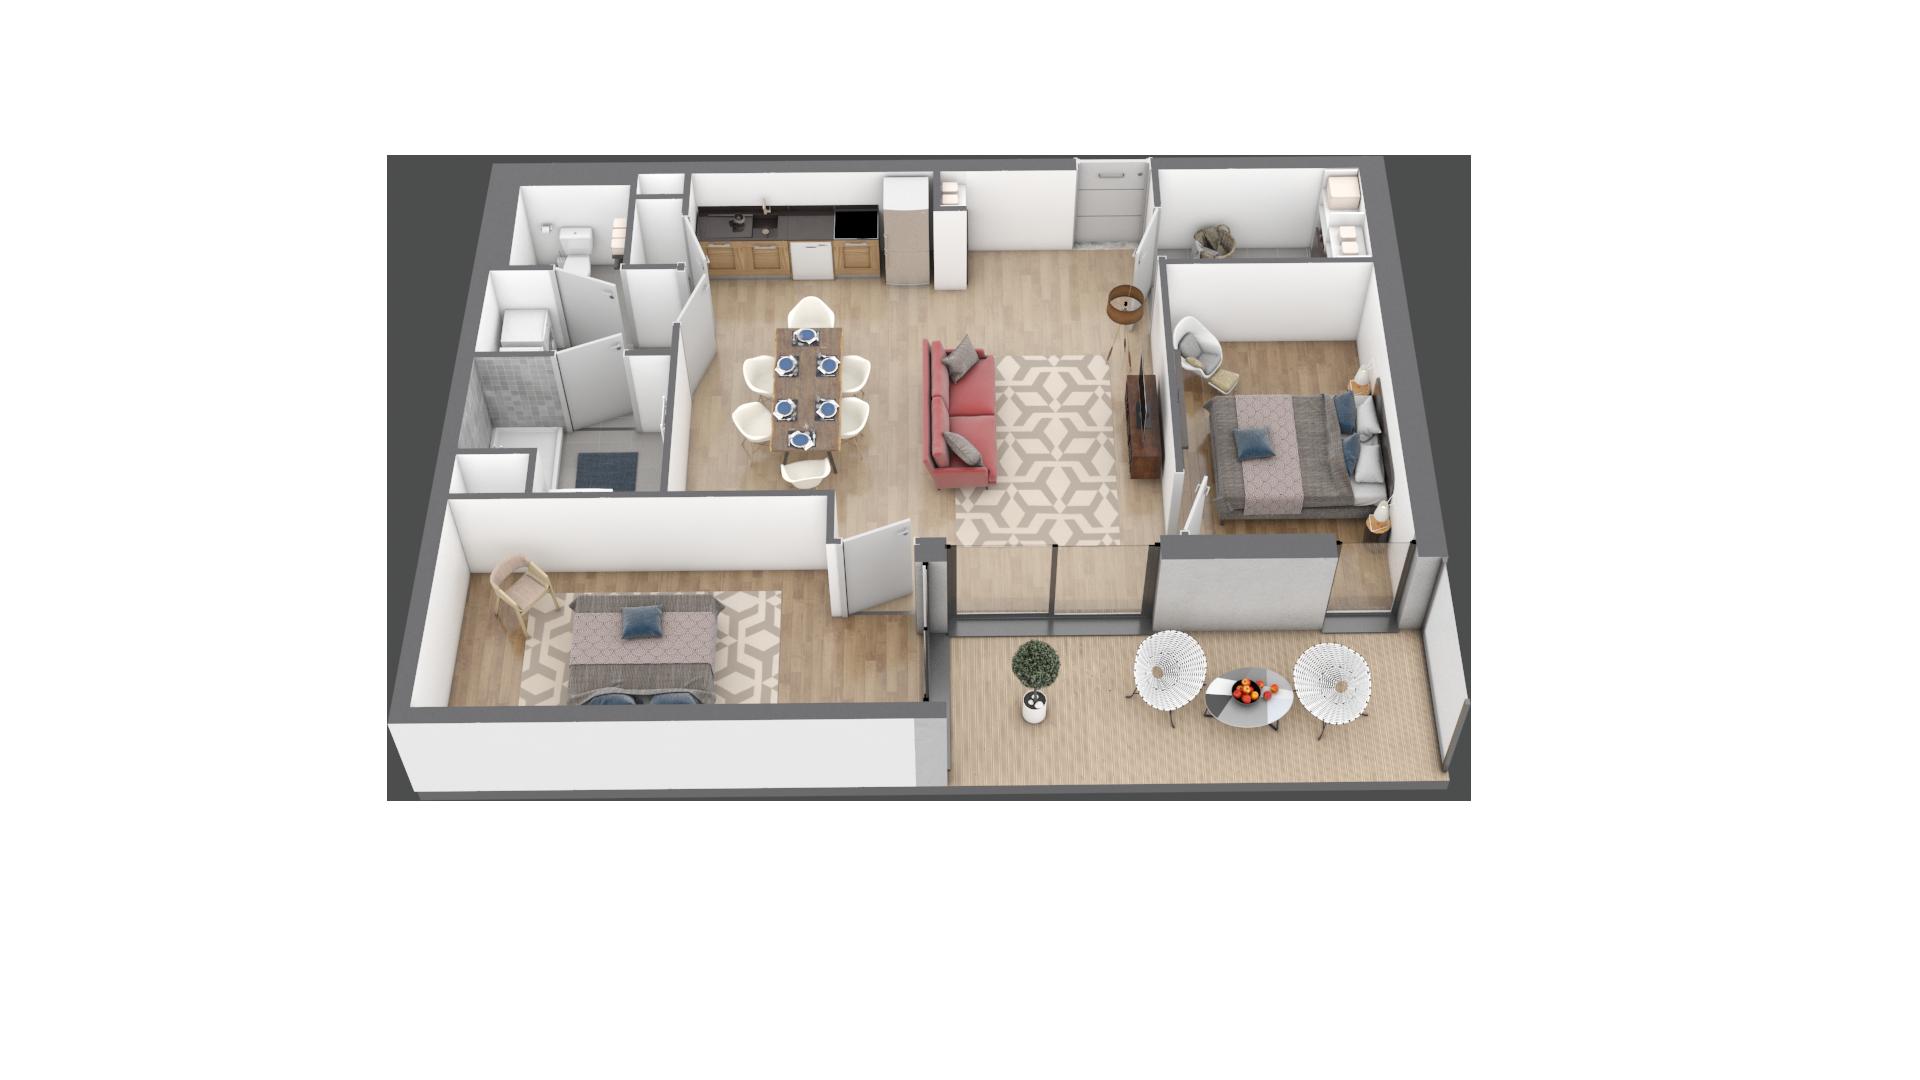 appartement B004 de type T3